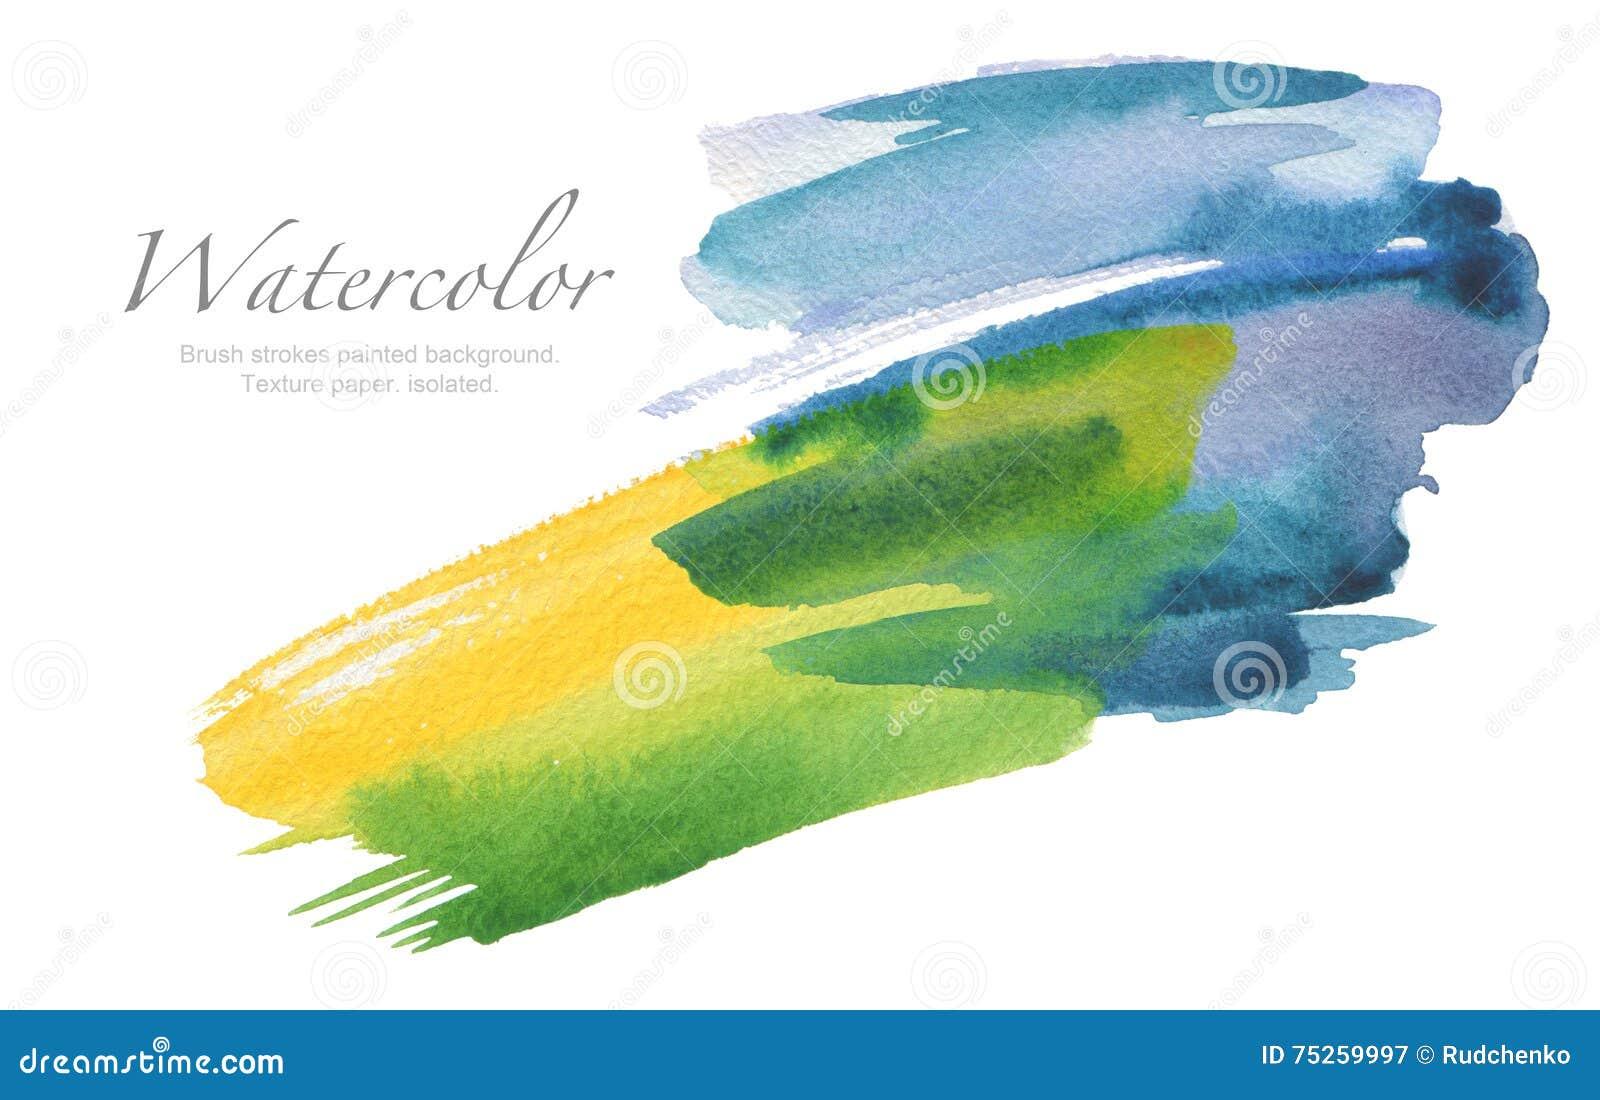 De abstracte geschilderde achtergrond van de waterverfborstel slagen Textuurpa